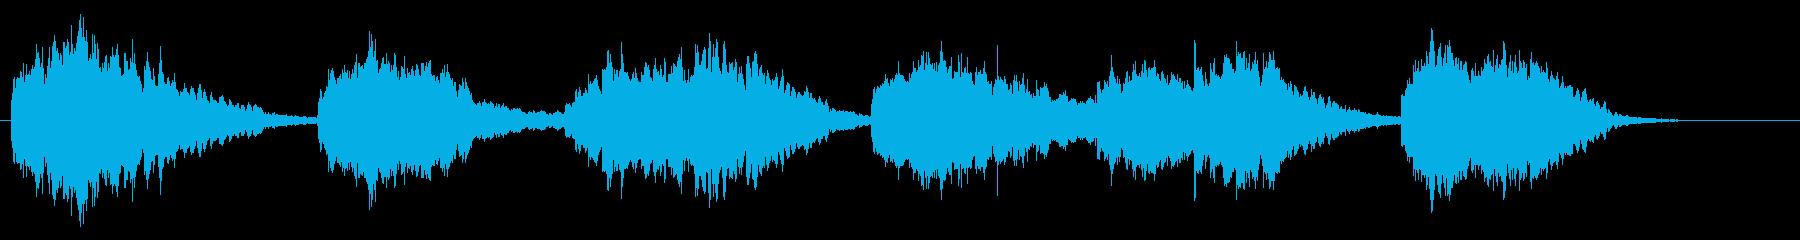 幻想的で広がりのあるギターソロの再生済みの波形